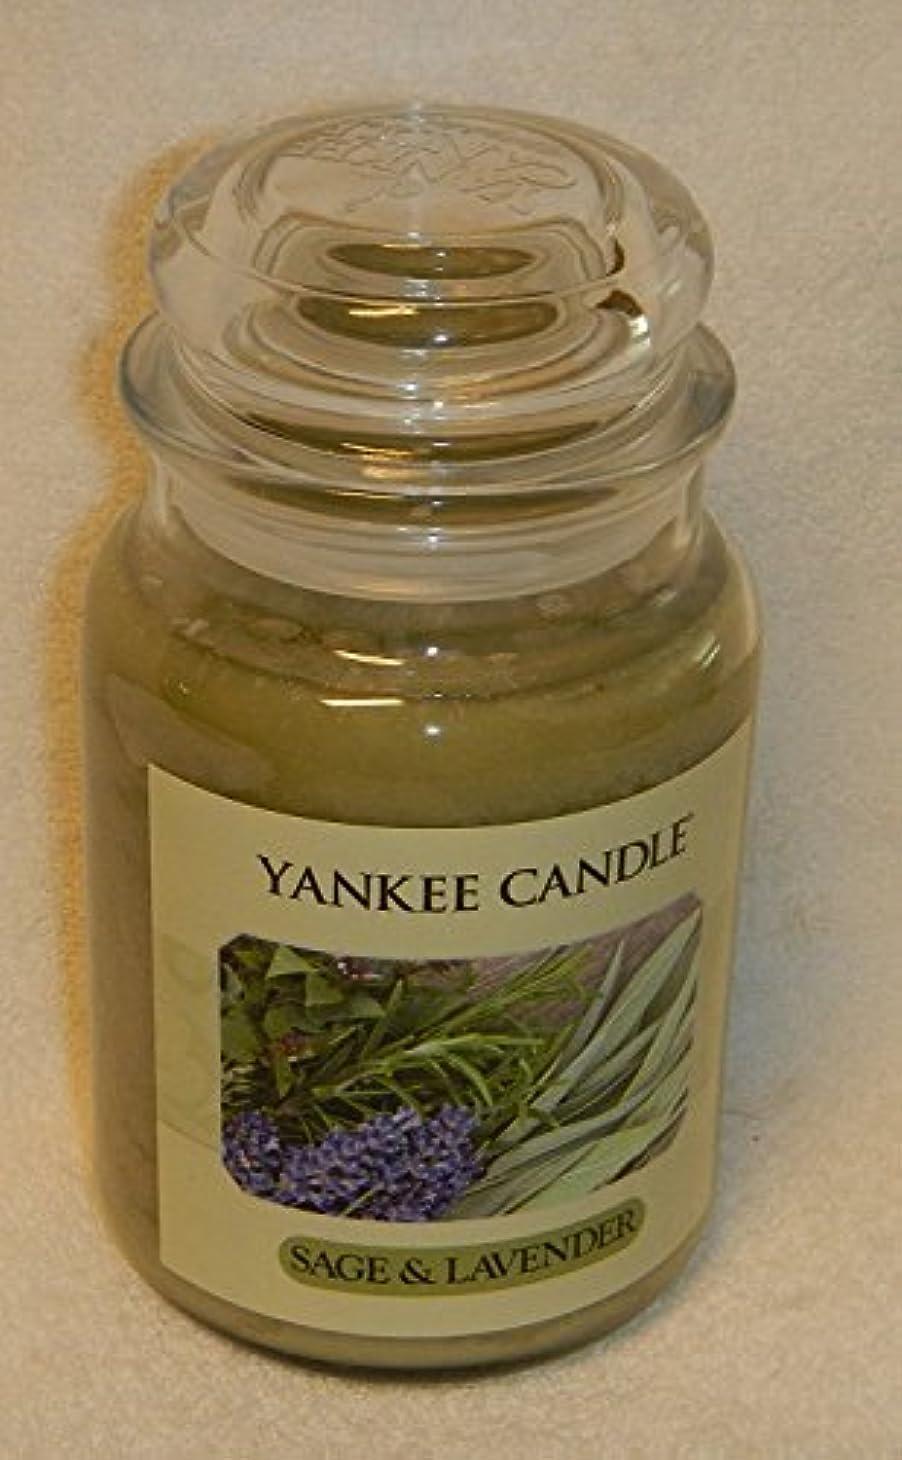 ボット閉塞宇宙セージ&ラベンダーYankee Candle Large 22-oz Jar